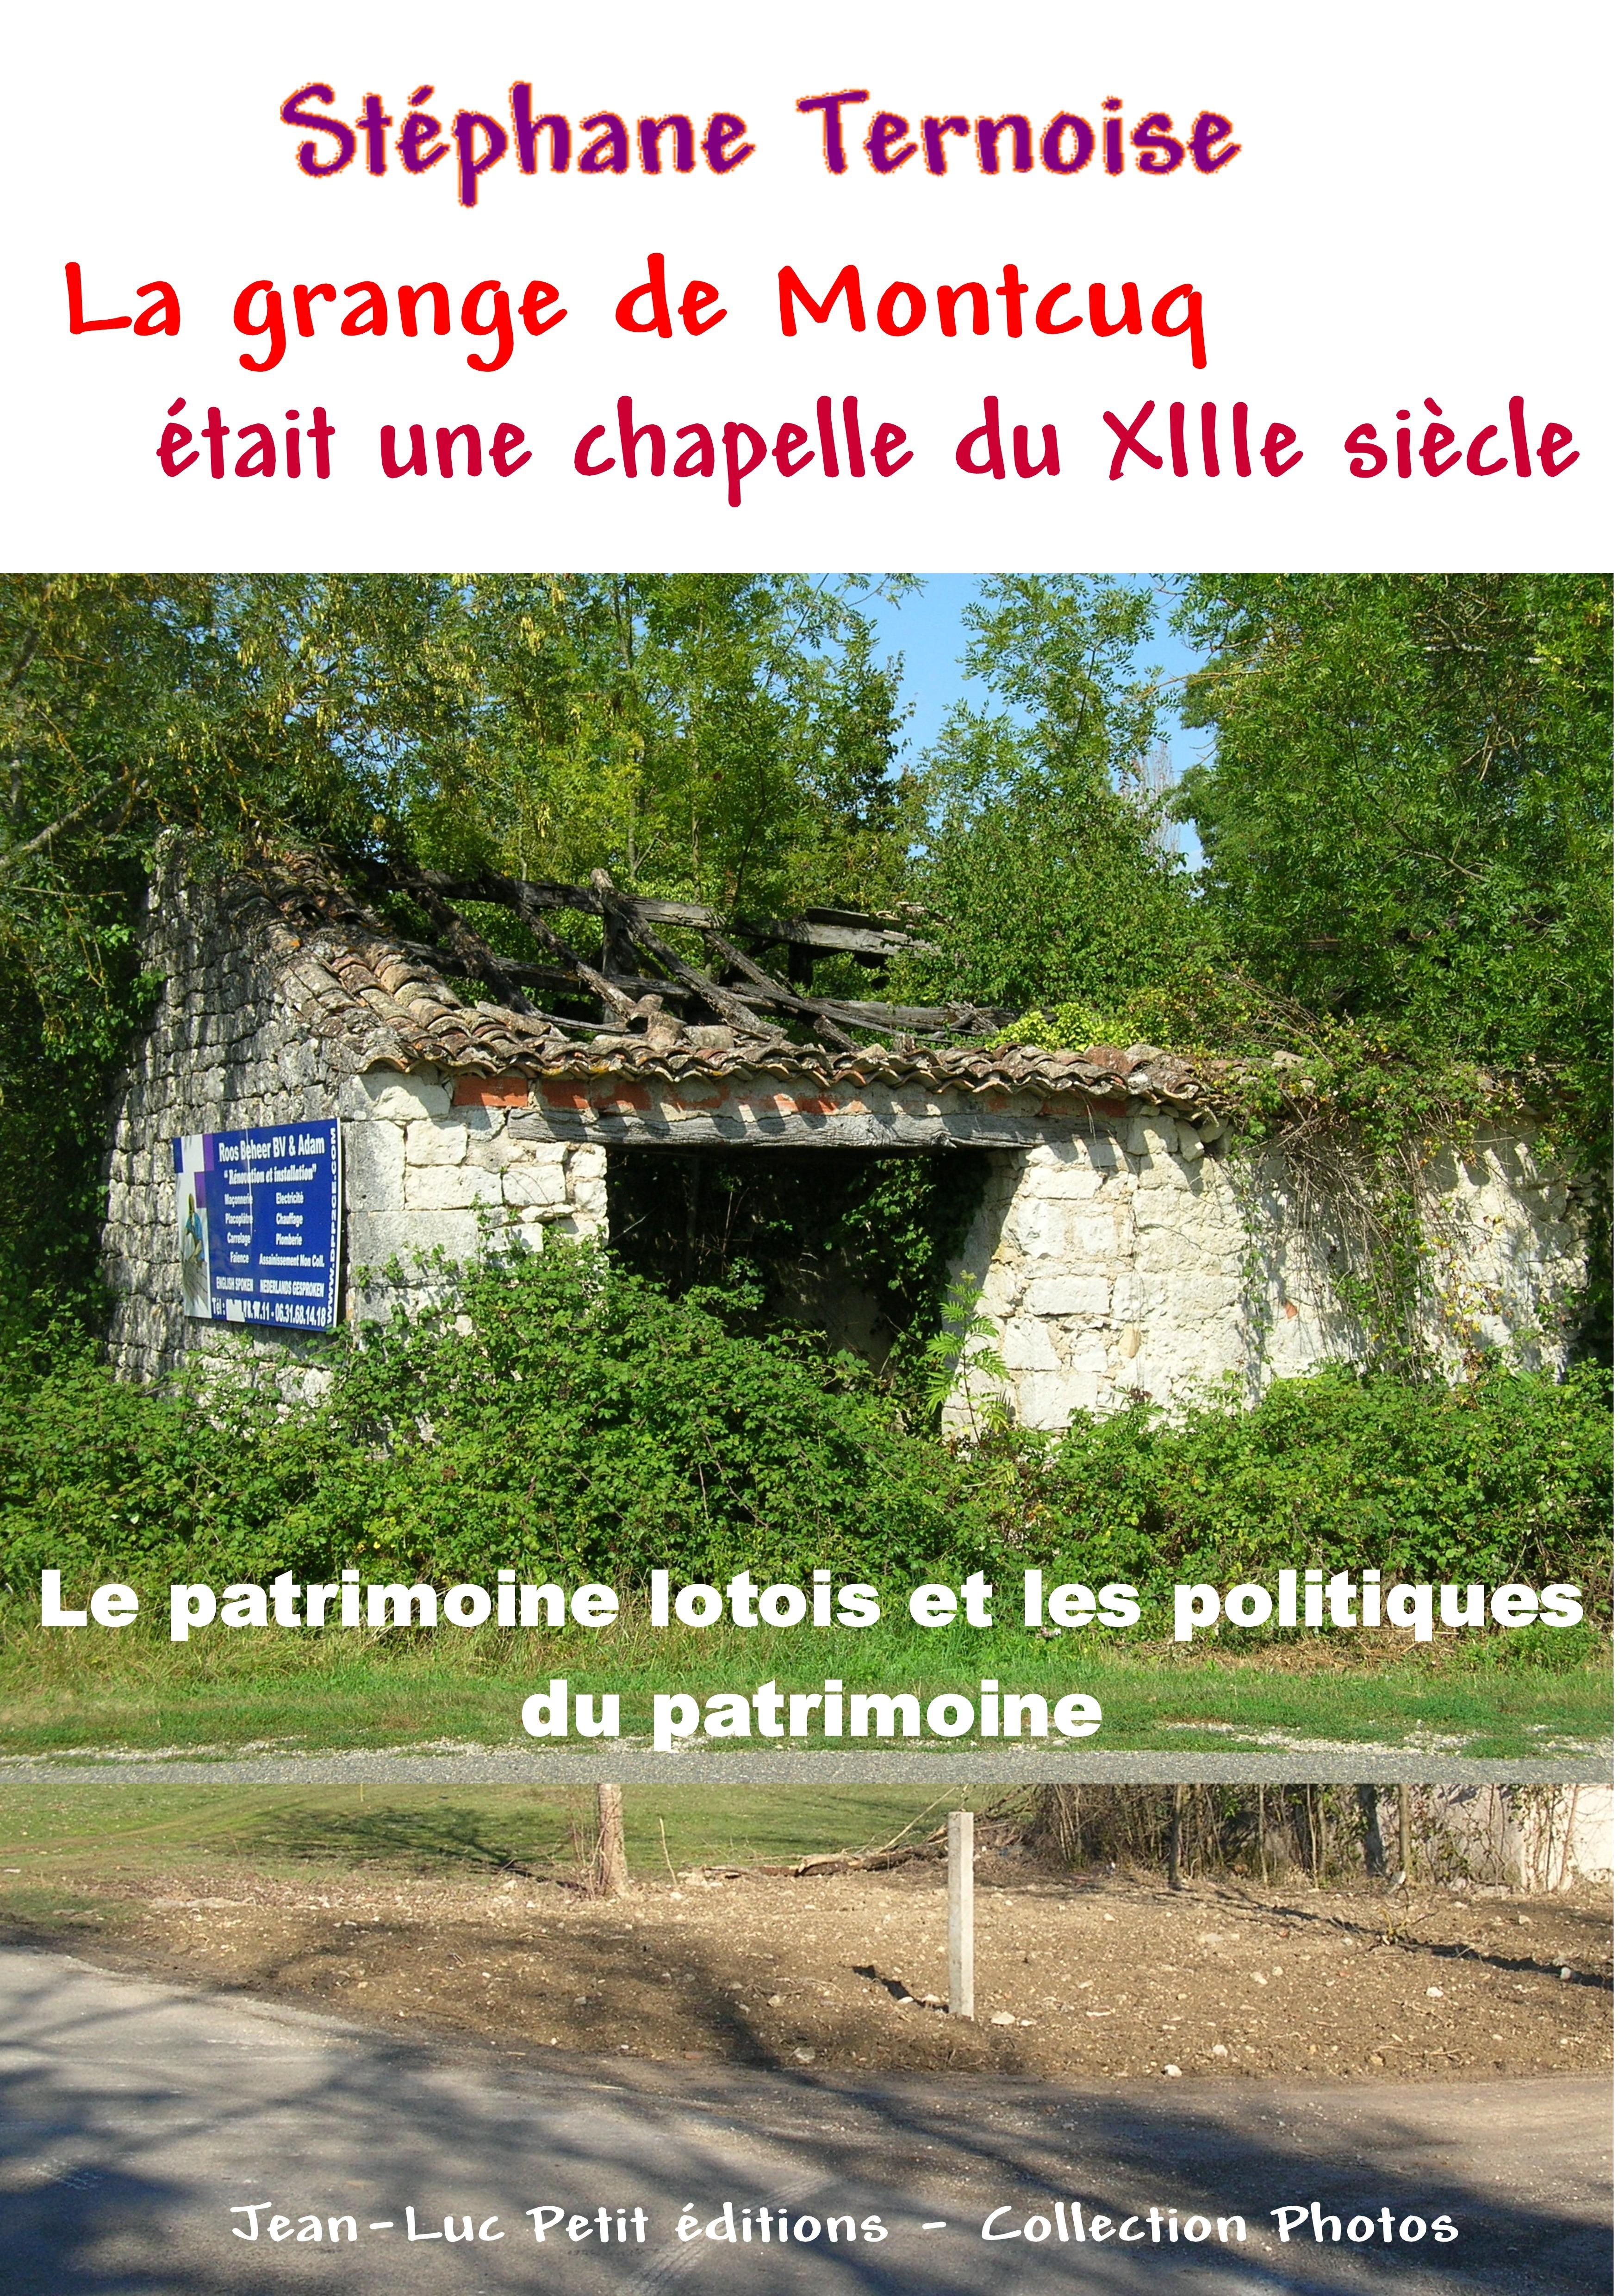 La grange de Montcuq était une chapelle du XIIIe siècle